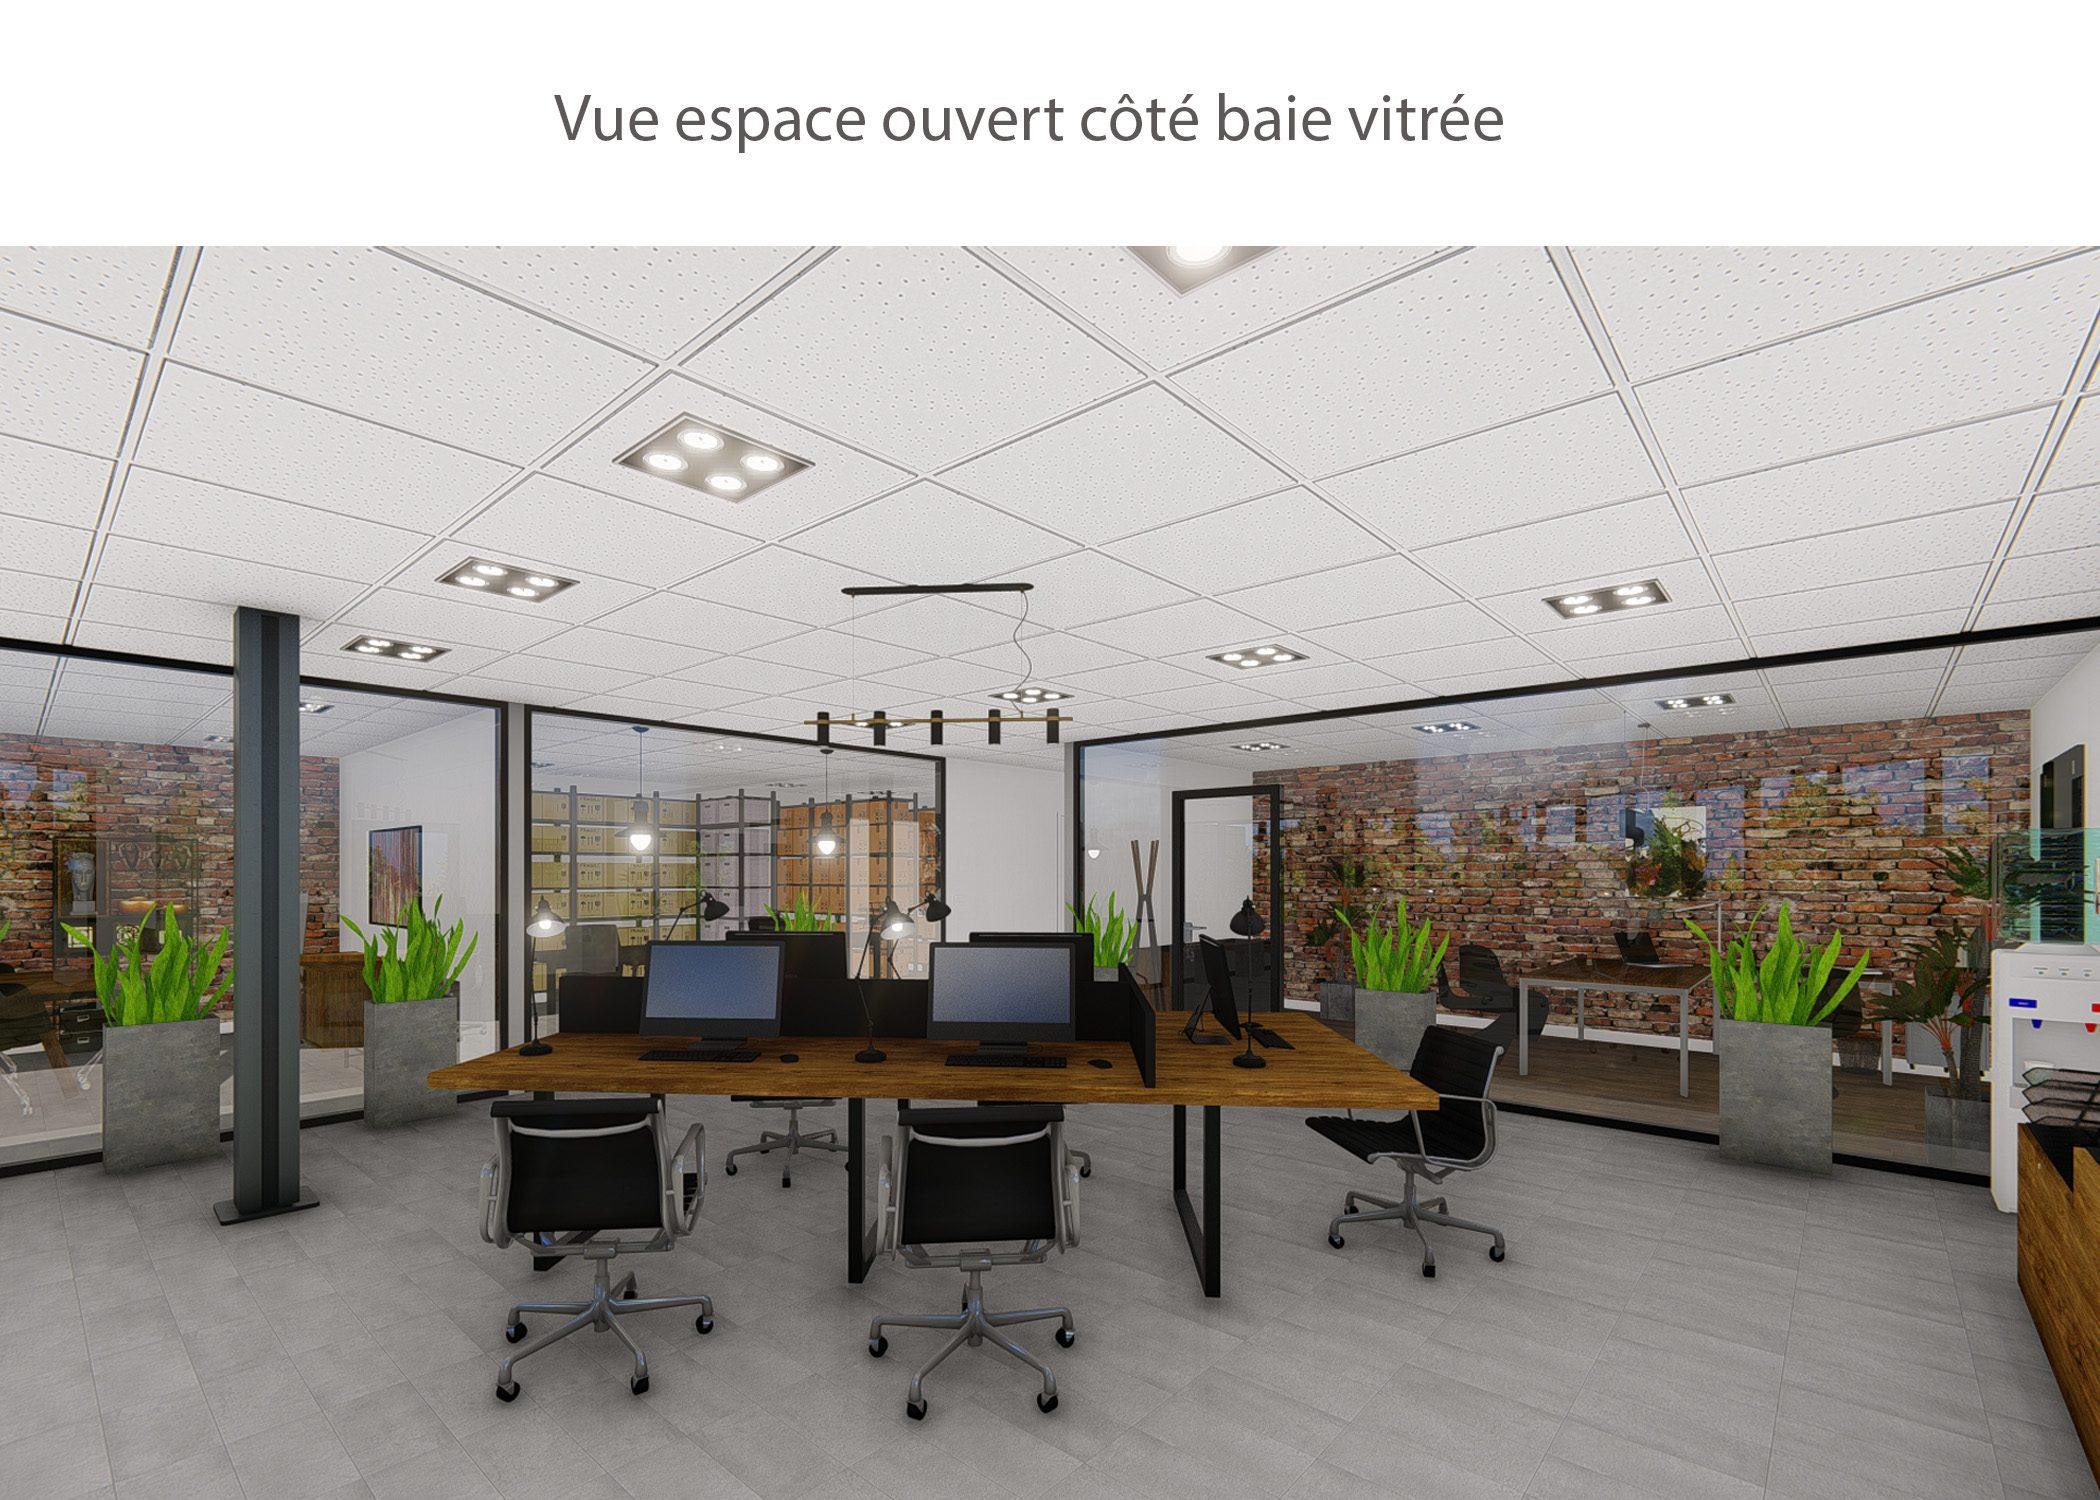 amenagement-decoration-start-up vente en ligne-region parisienne-espace ouvert cote baie vitree-dekho design